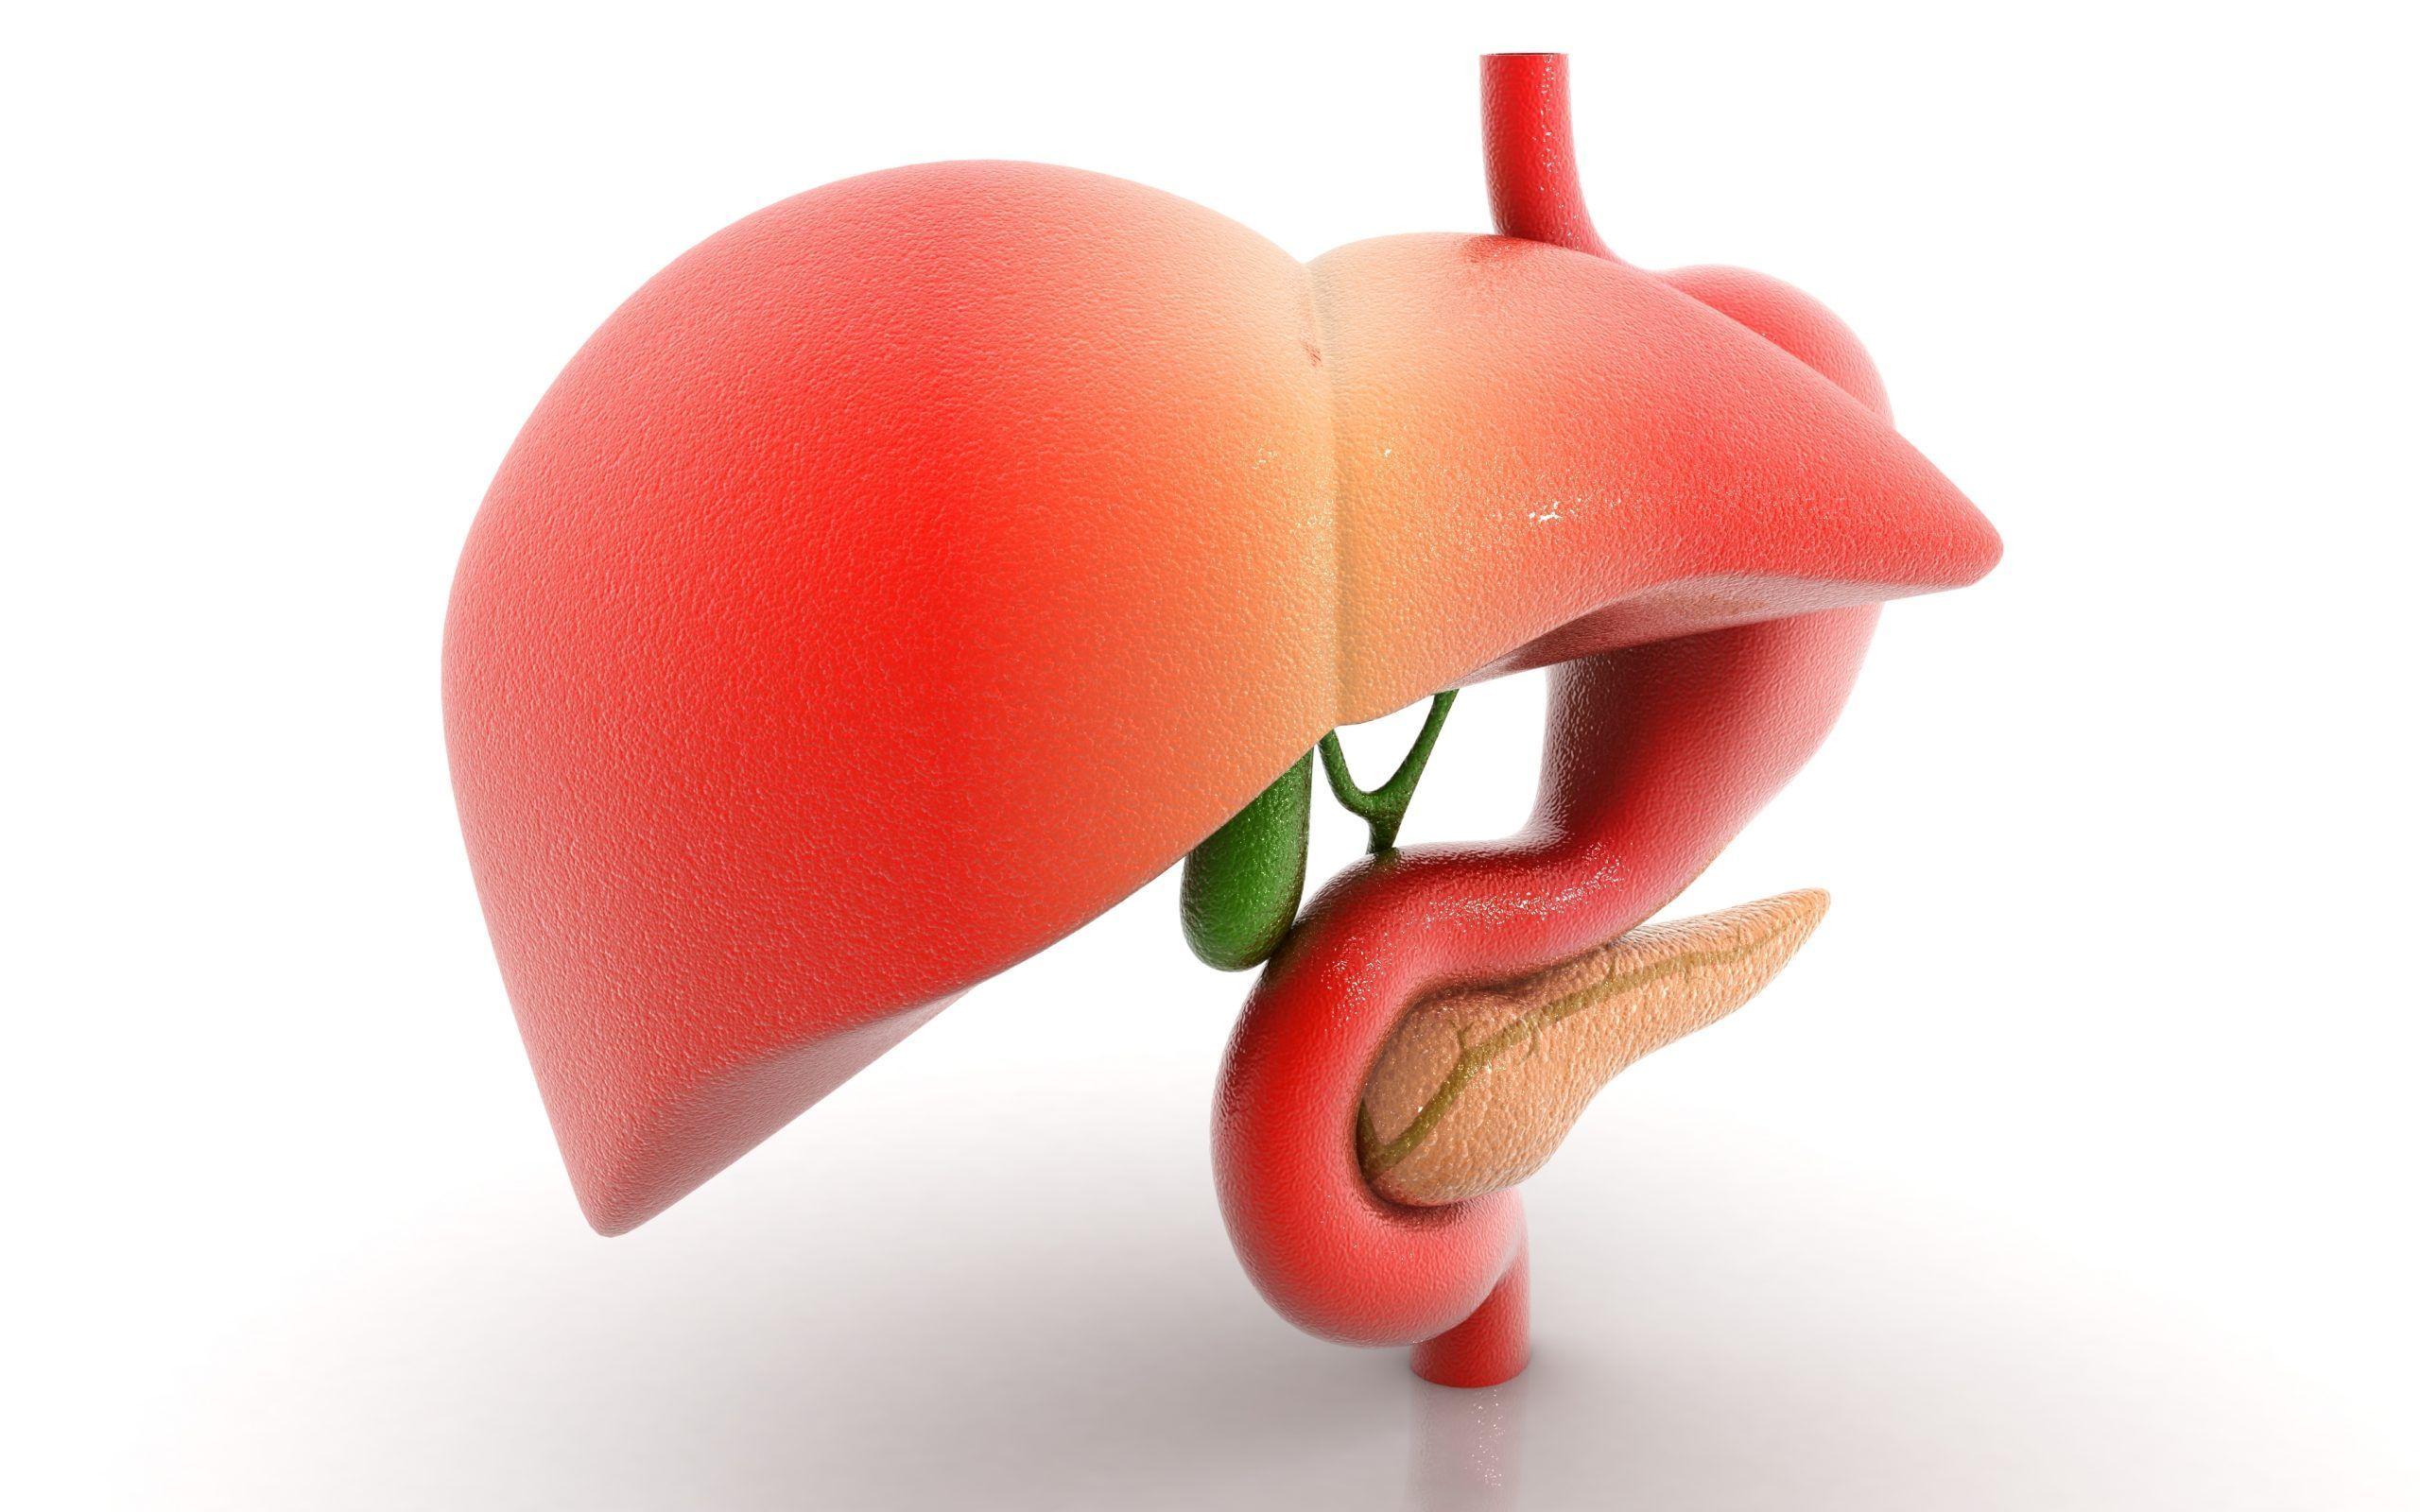 Fegato grasso: i sintomi e la dieta da seguire